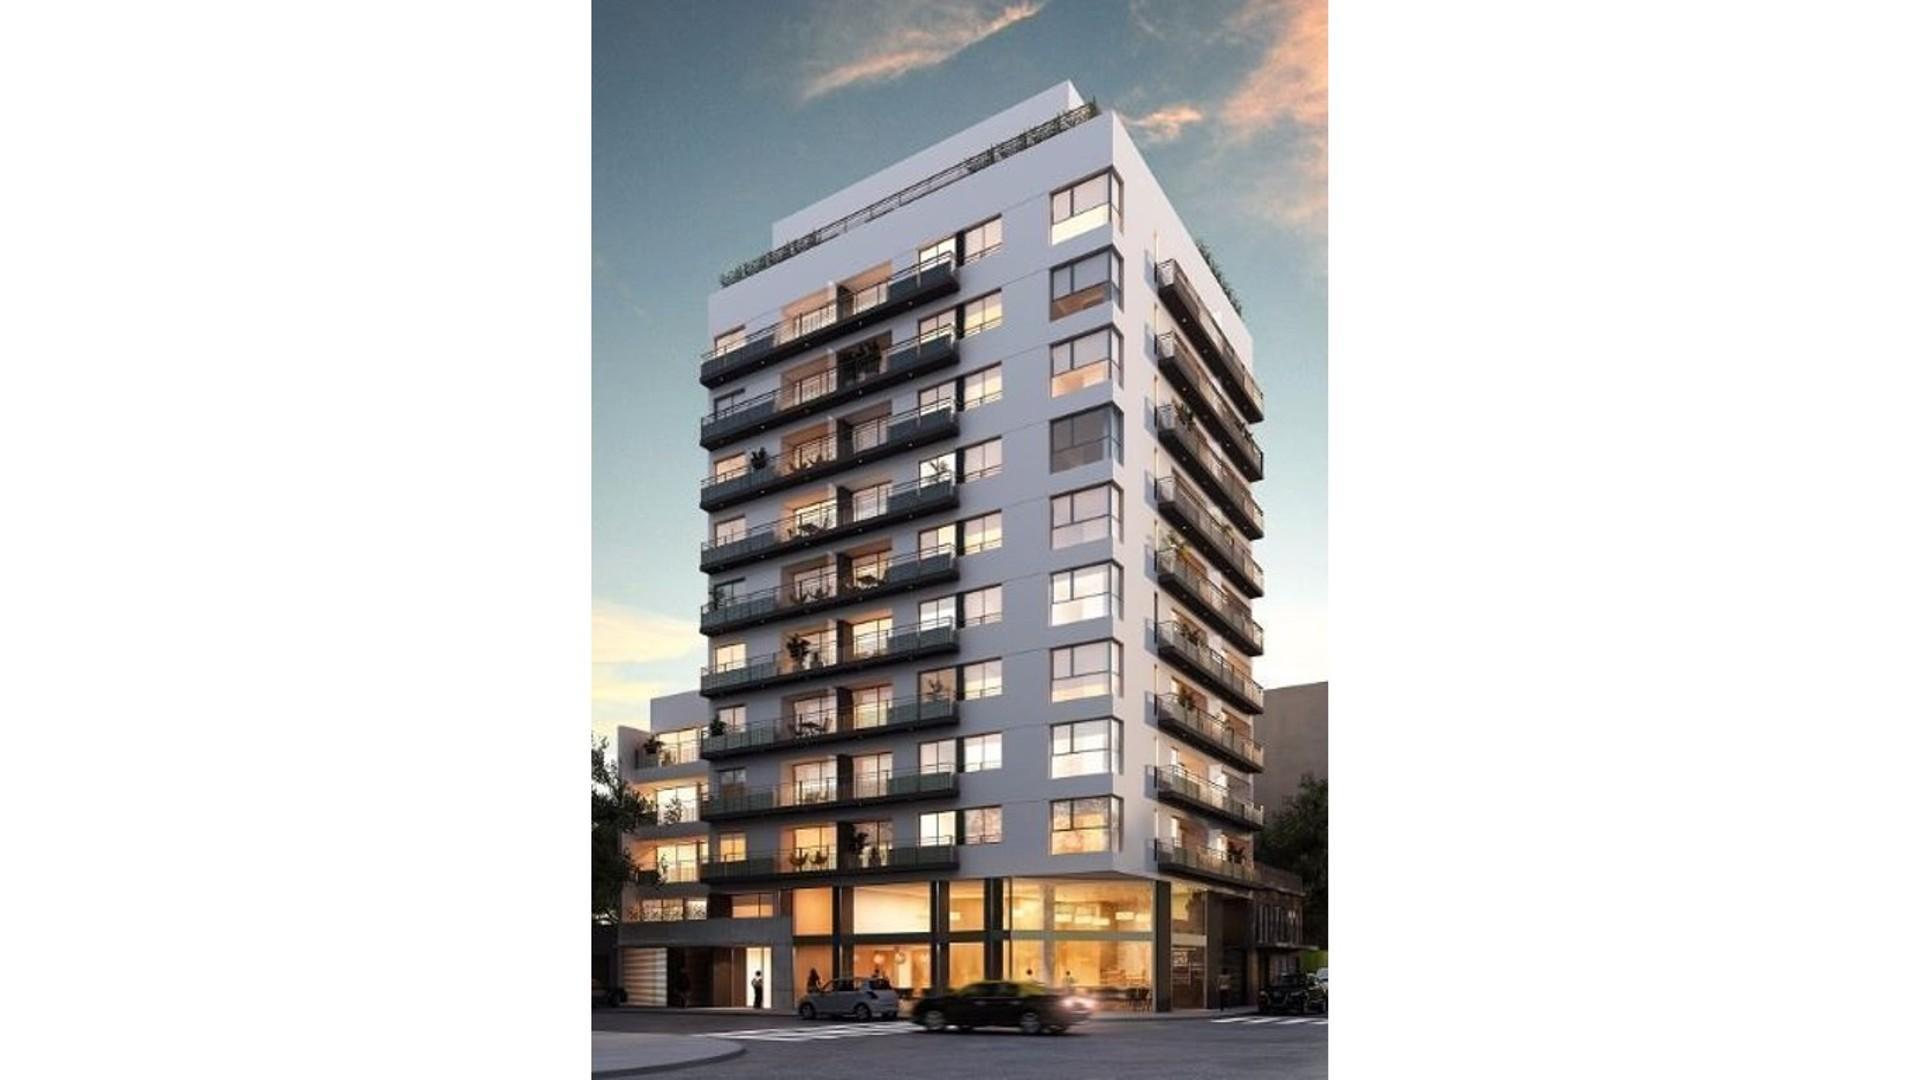 Nahuel Huapi y Bauness - 2 Ambientes con Suite, toillette, Baño y dos balcones.